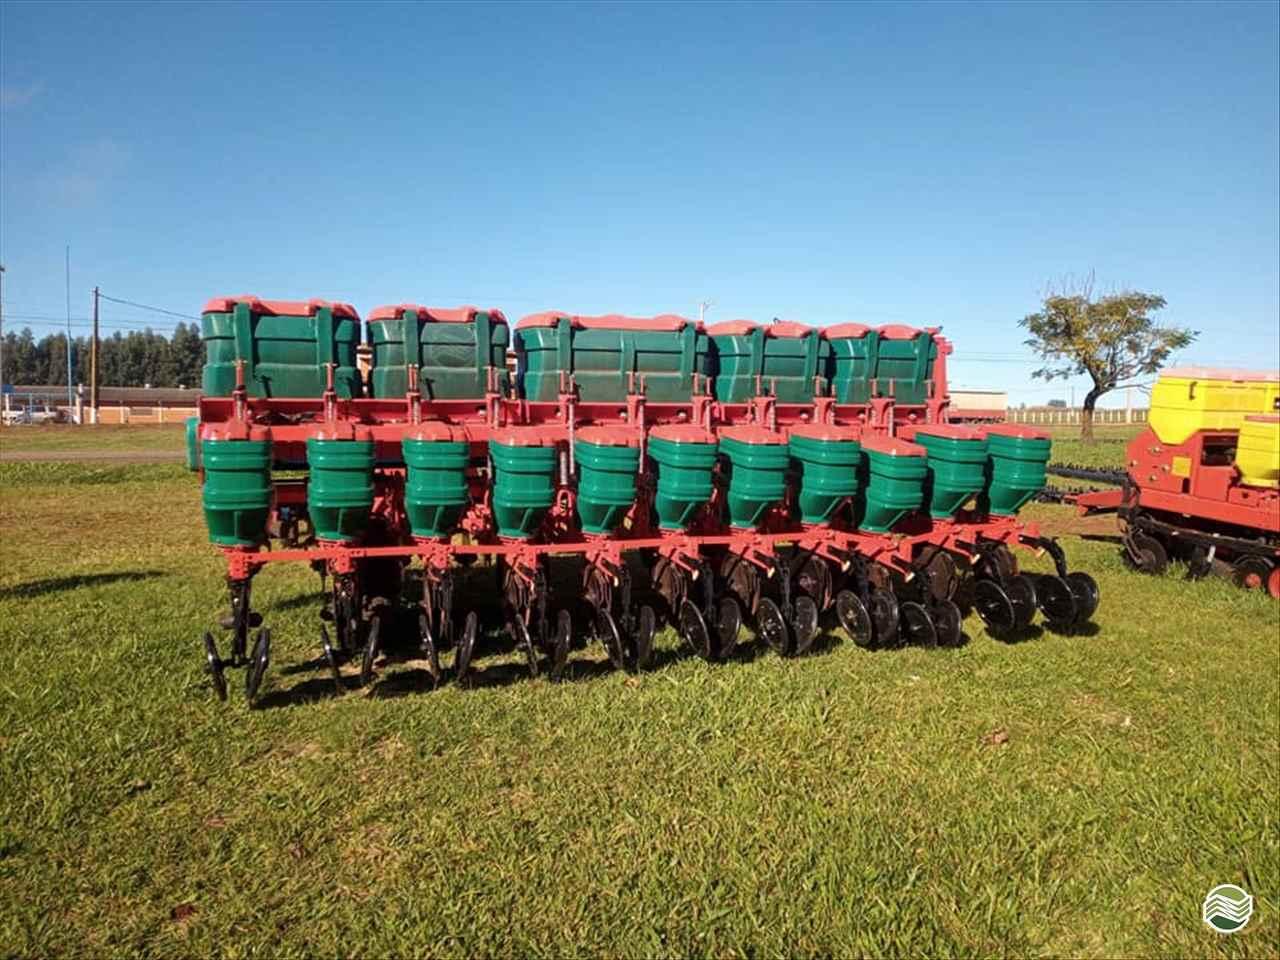 IMPLEMENTOS AGRICOLAS PLANTADEIRA SEMEADEIRA DE CAPIM Starmaq Implementos Agrícolas CRUZ ALTA RIO GRANDE DO SUL RS